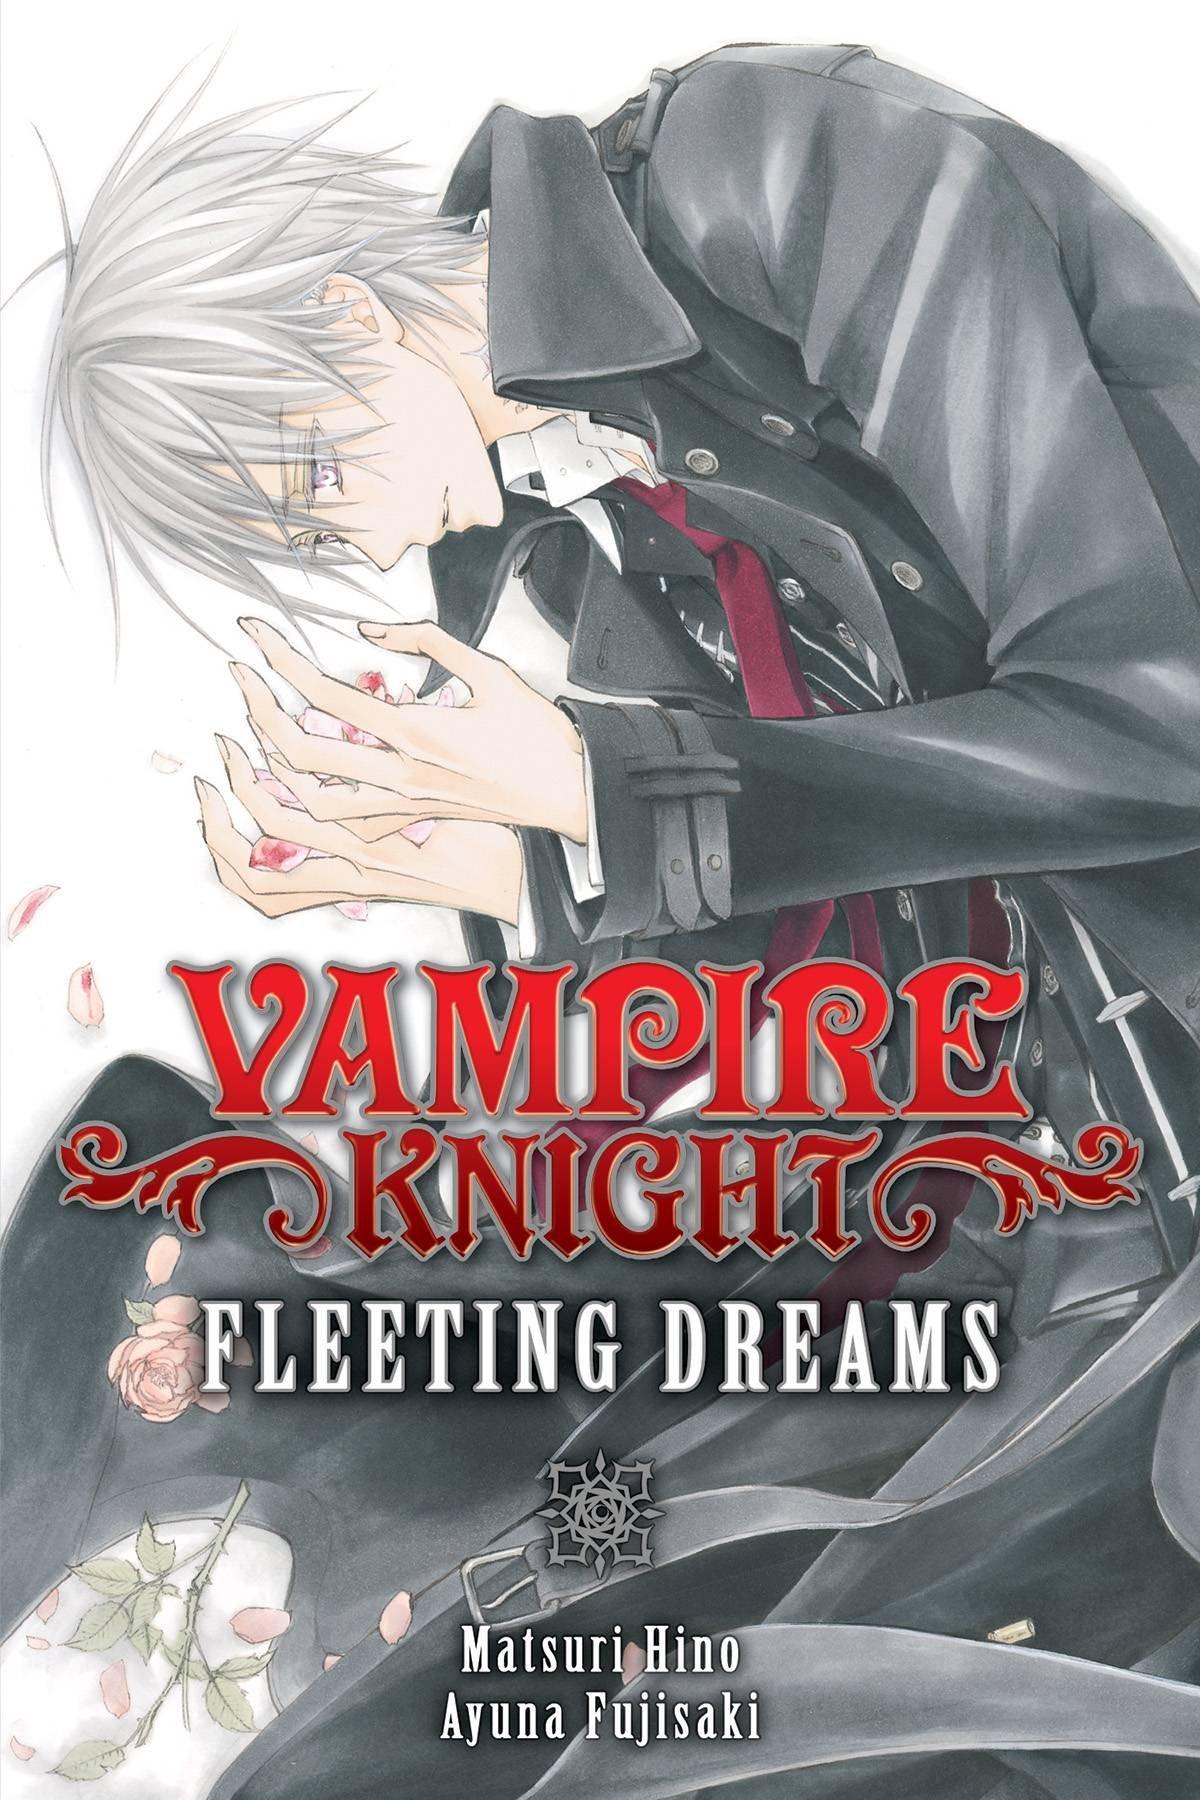 Amazon: Vampire Knight: Fleeting Dreams (9781421577289): Matsuri Hino,  Ayuna Fujisaki: Books